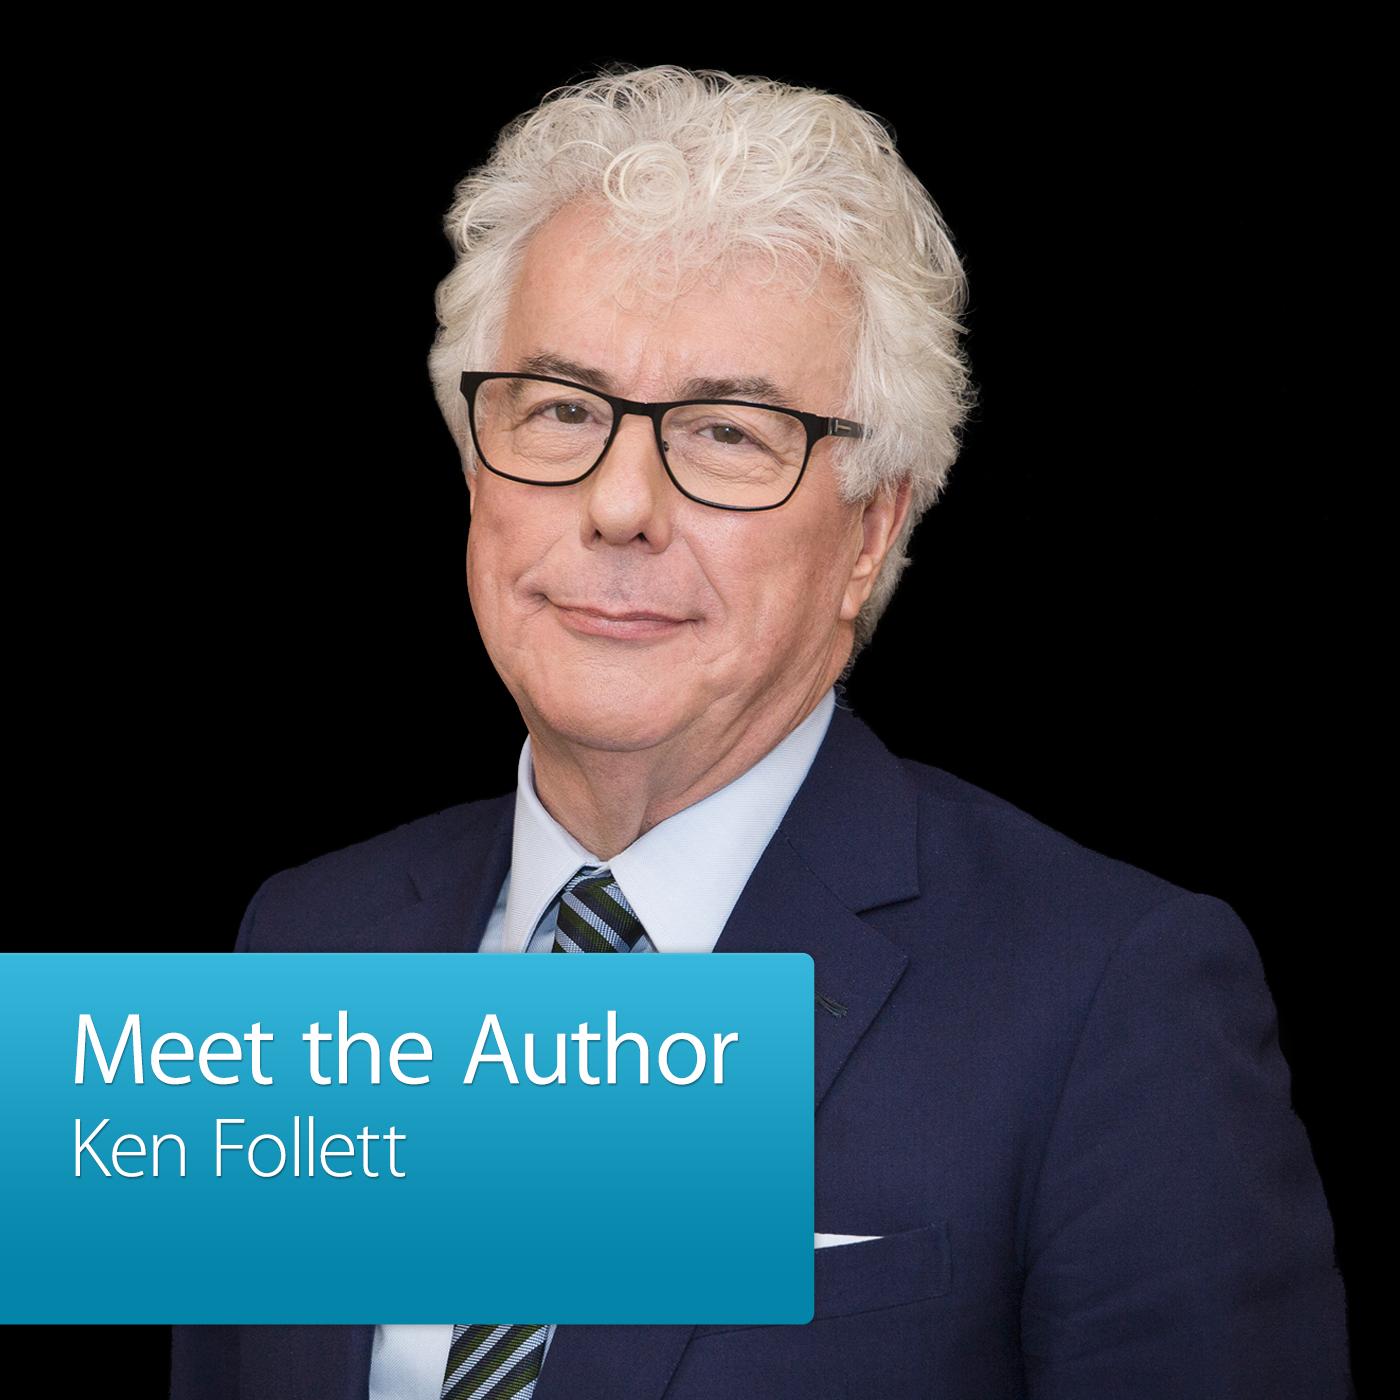 Ken Follett: Meet the Author